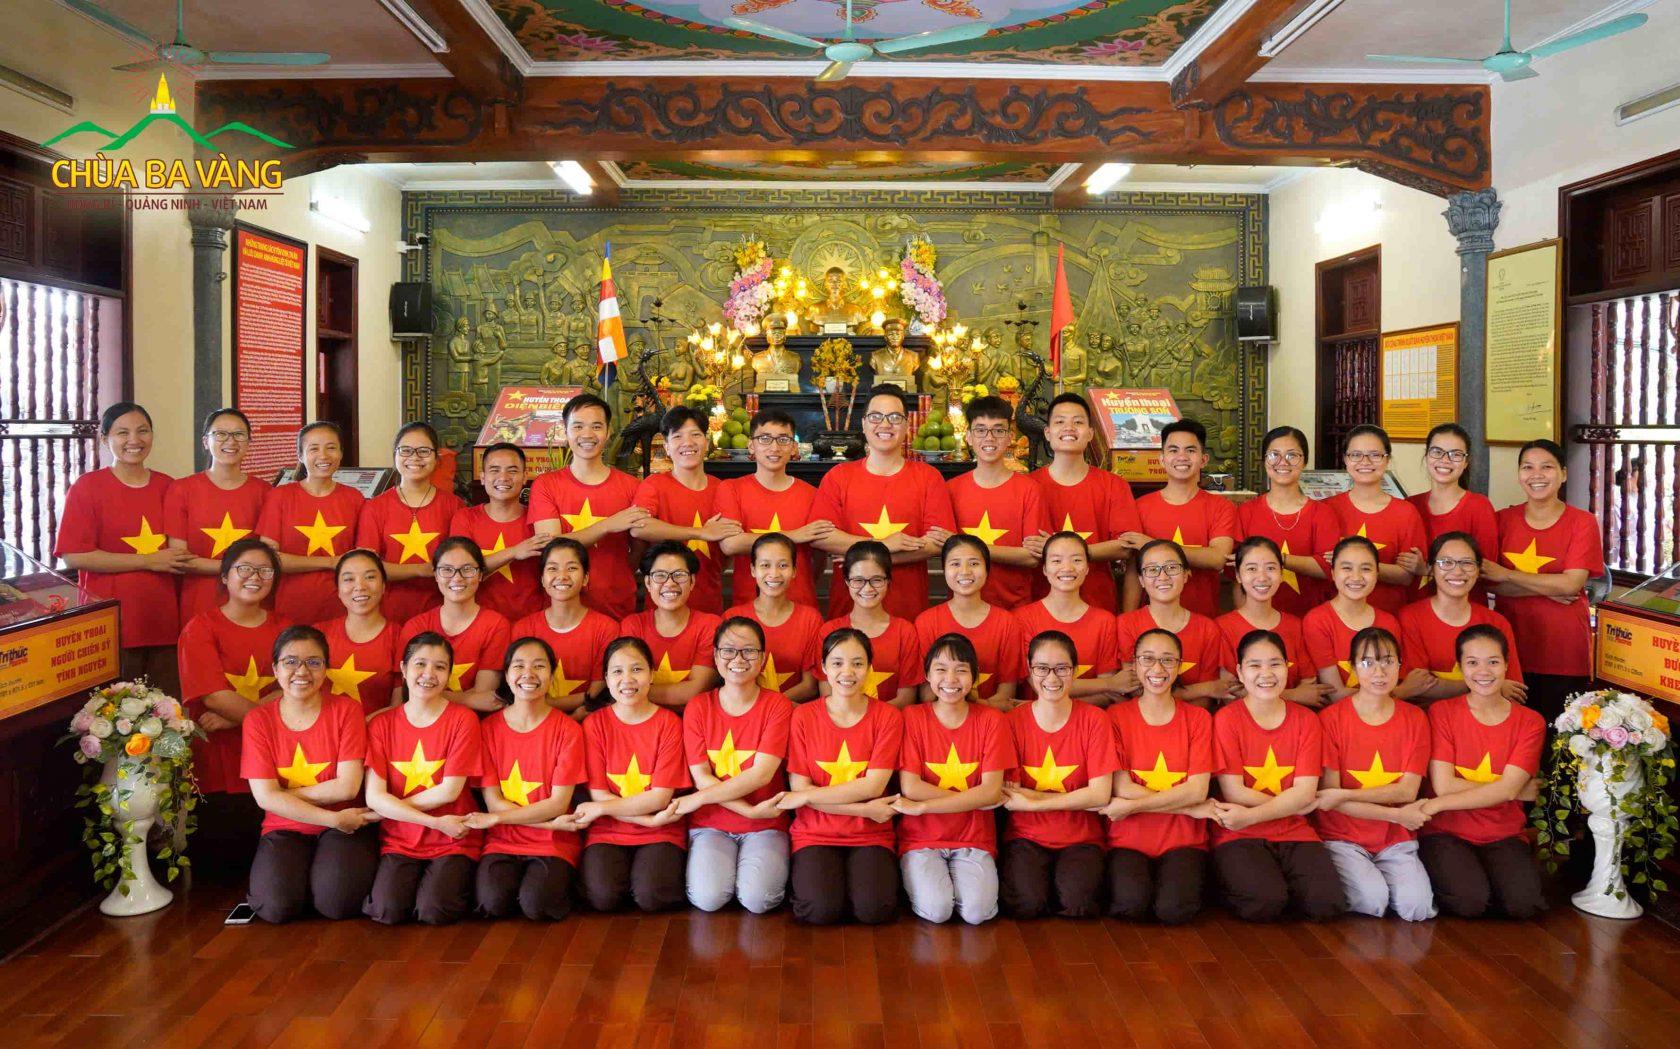 Phật tử trẻ chùa Ba Vàng hân hoan đón ngày quốc khánh Việt Nam 2/9